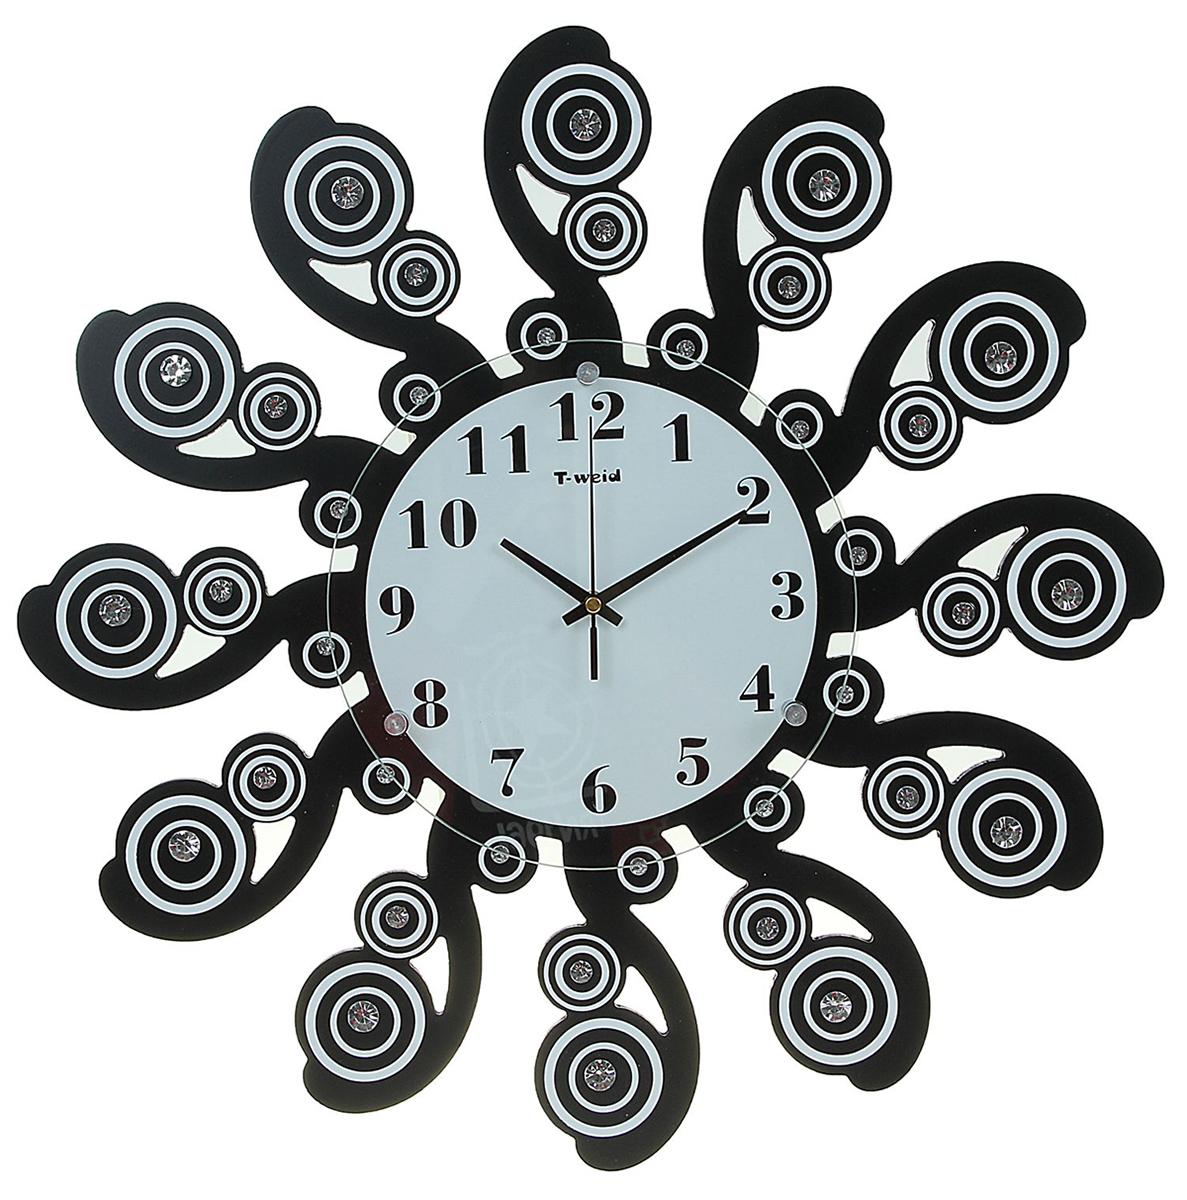 Часы настенные T-Weid Катрин, диаметр 53 см1965052Каждому хозяину периодически приходит мысль обновить свою квартиру, сделать ремонт, перестановку или кардинально поменять внешний вид каждой комнаты. — привлекательная деталь, которая поможет воплотить вашу интерьерную идею, создать неповторимую атмосферу в вашем доме. Окружите себя приятными мелочами, пусть они радуют глаз и дарят гармонию.Часы настенные серия Катрин, Завитки со стразами, черные d=53см 1965052